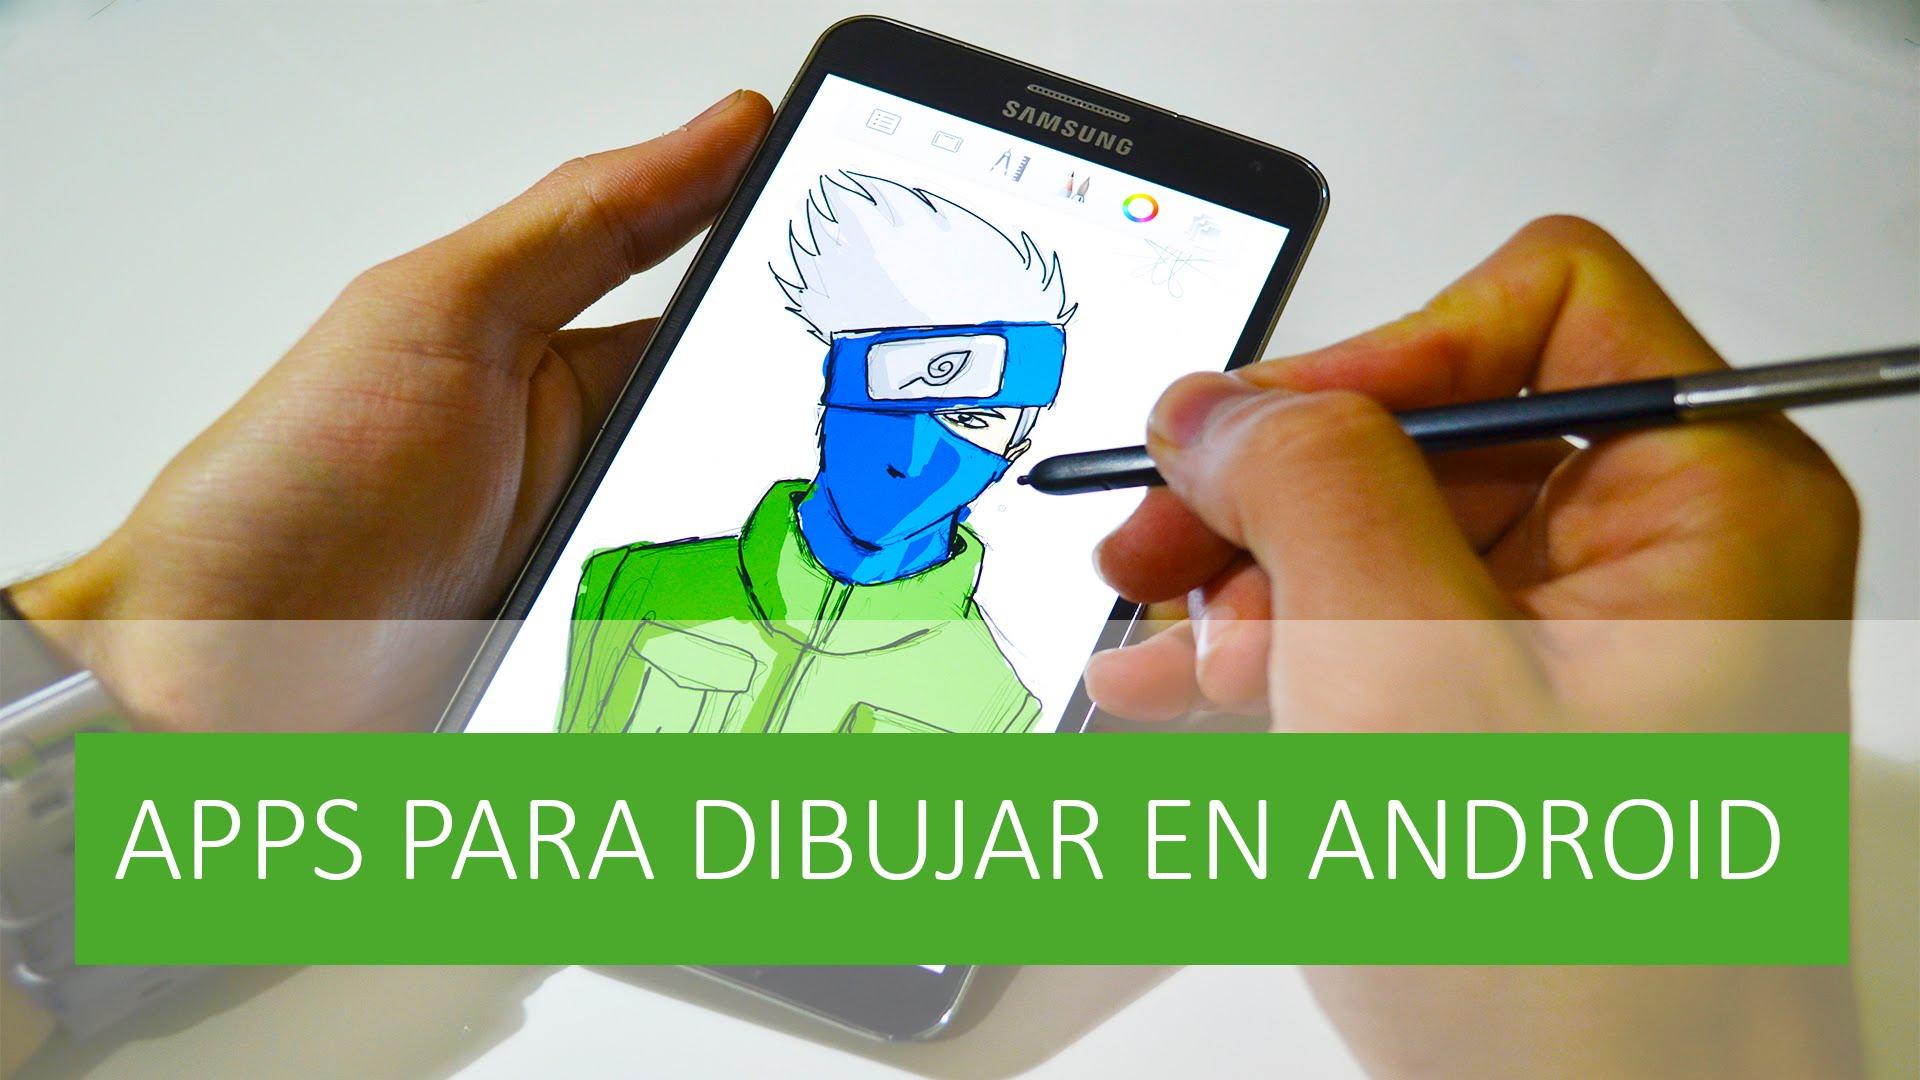 Le migliori applicazioni per disegnare su Android 1